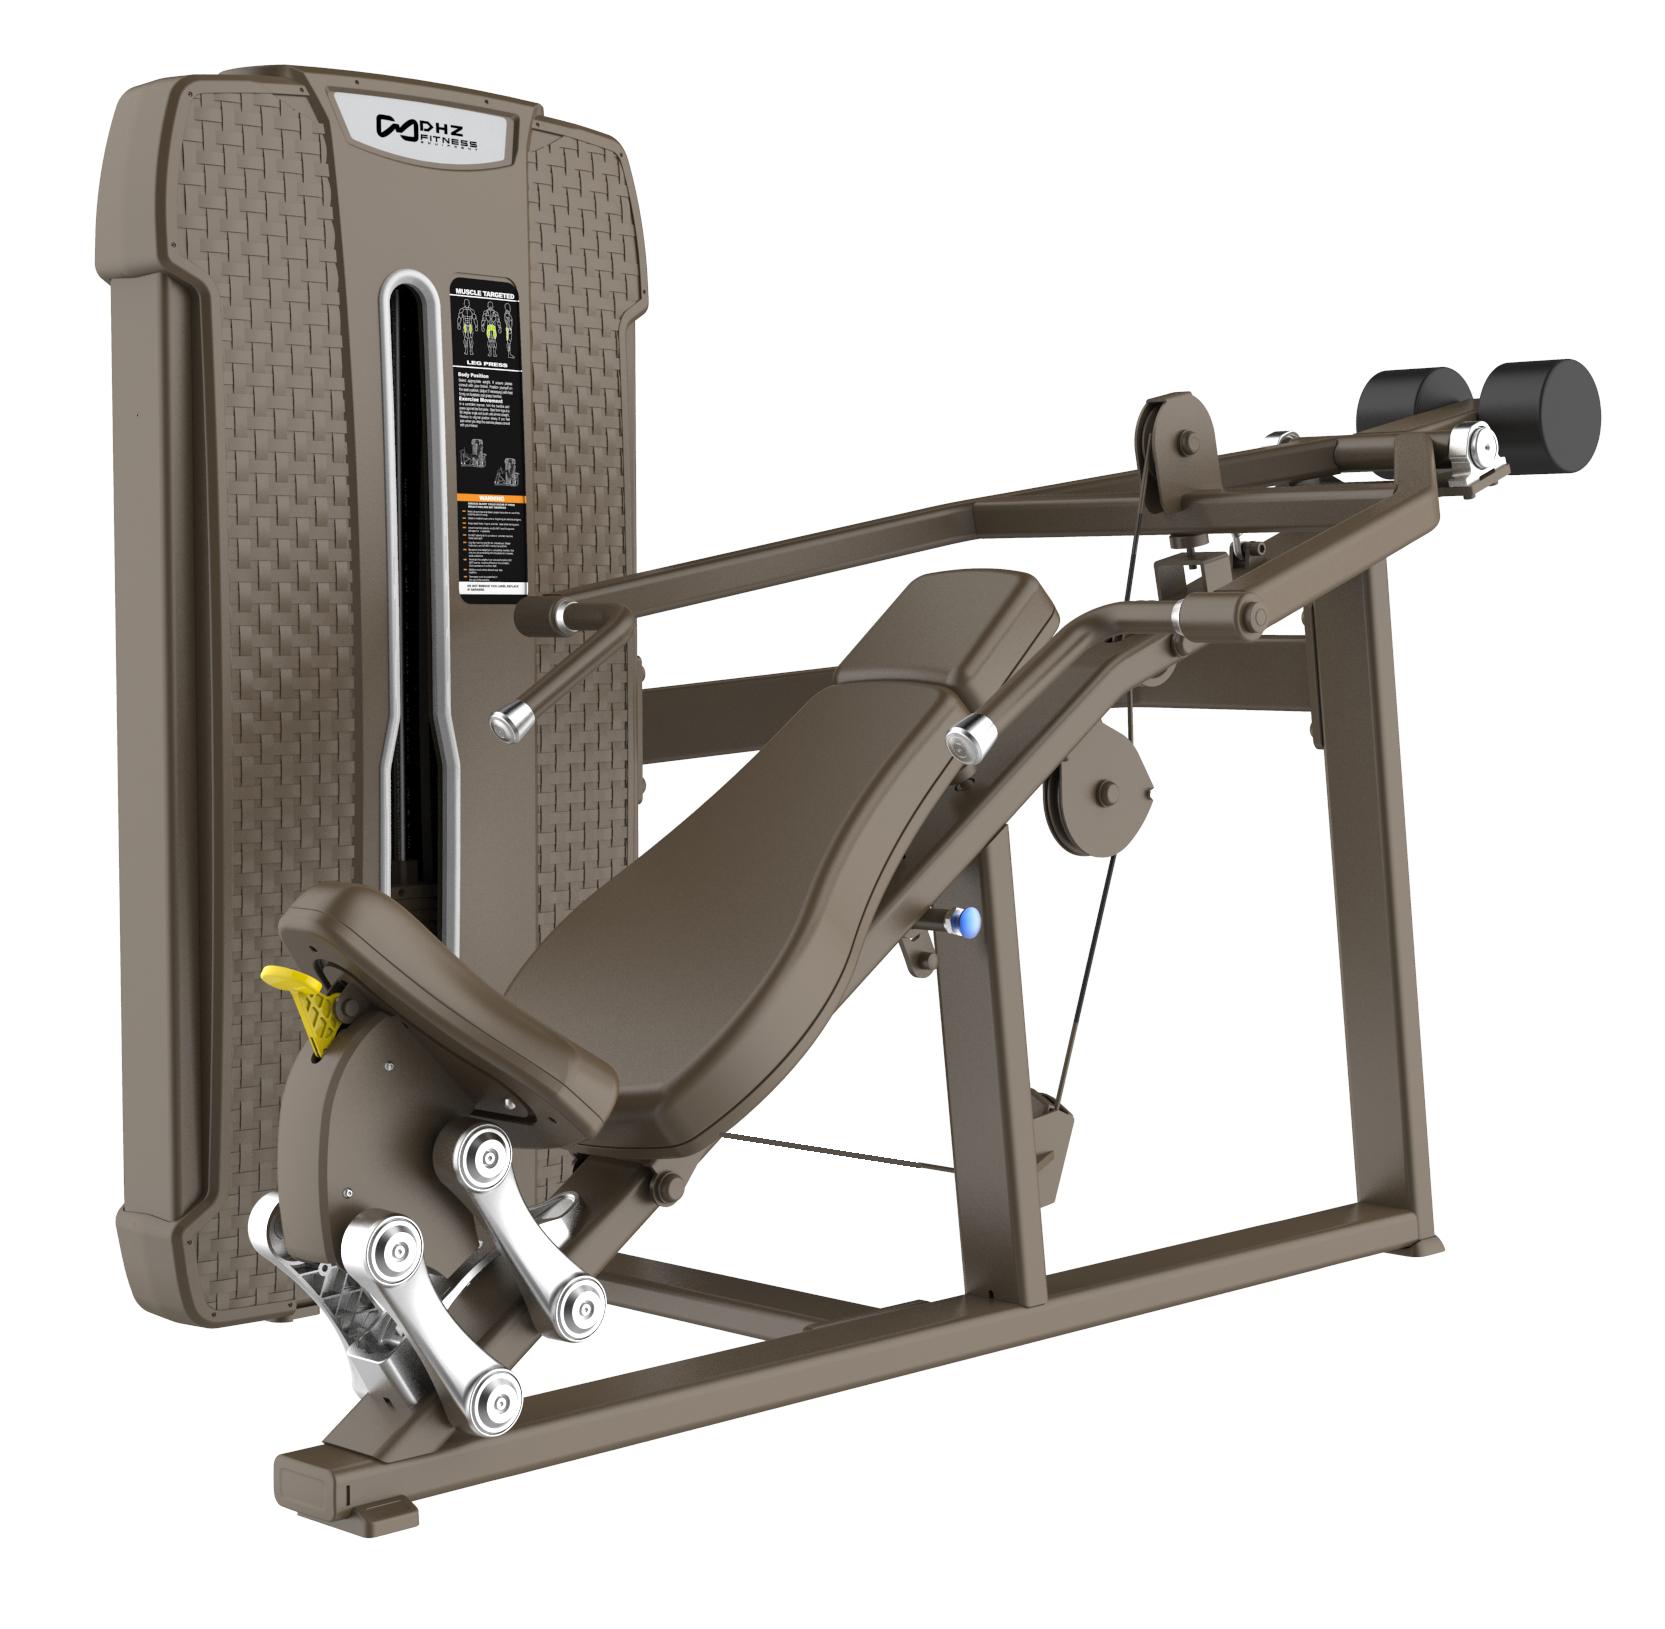 S-4013 Наклонный грудной жим (Incline Press). Стек 135 кг.